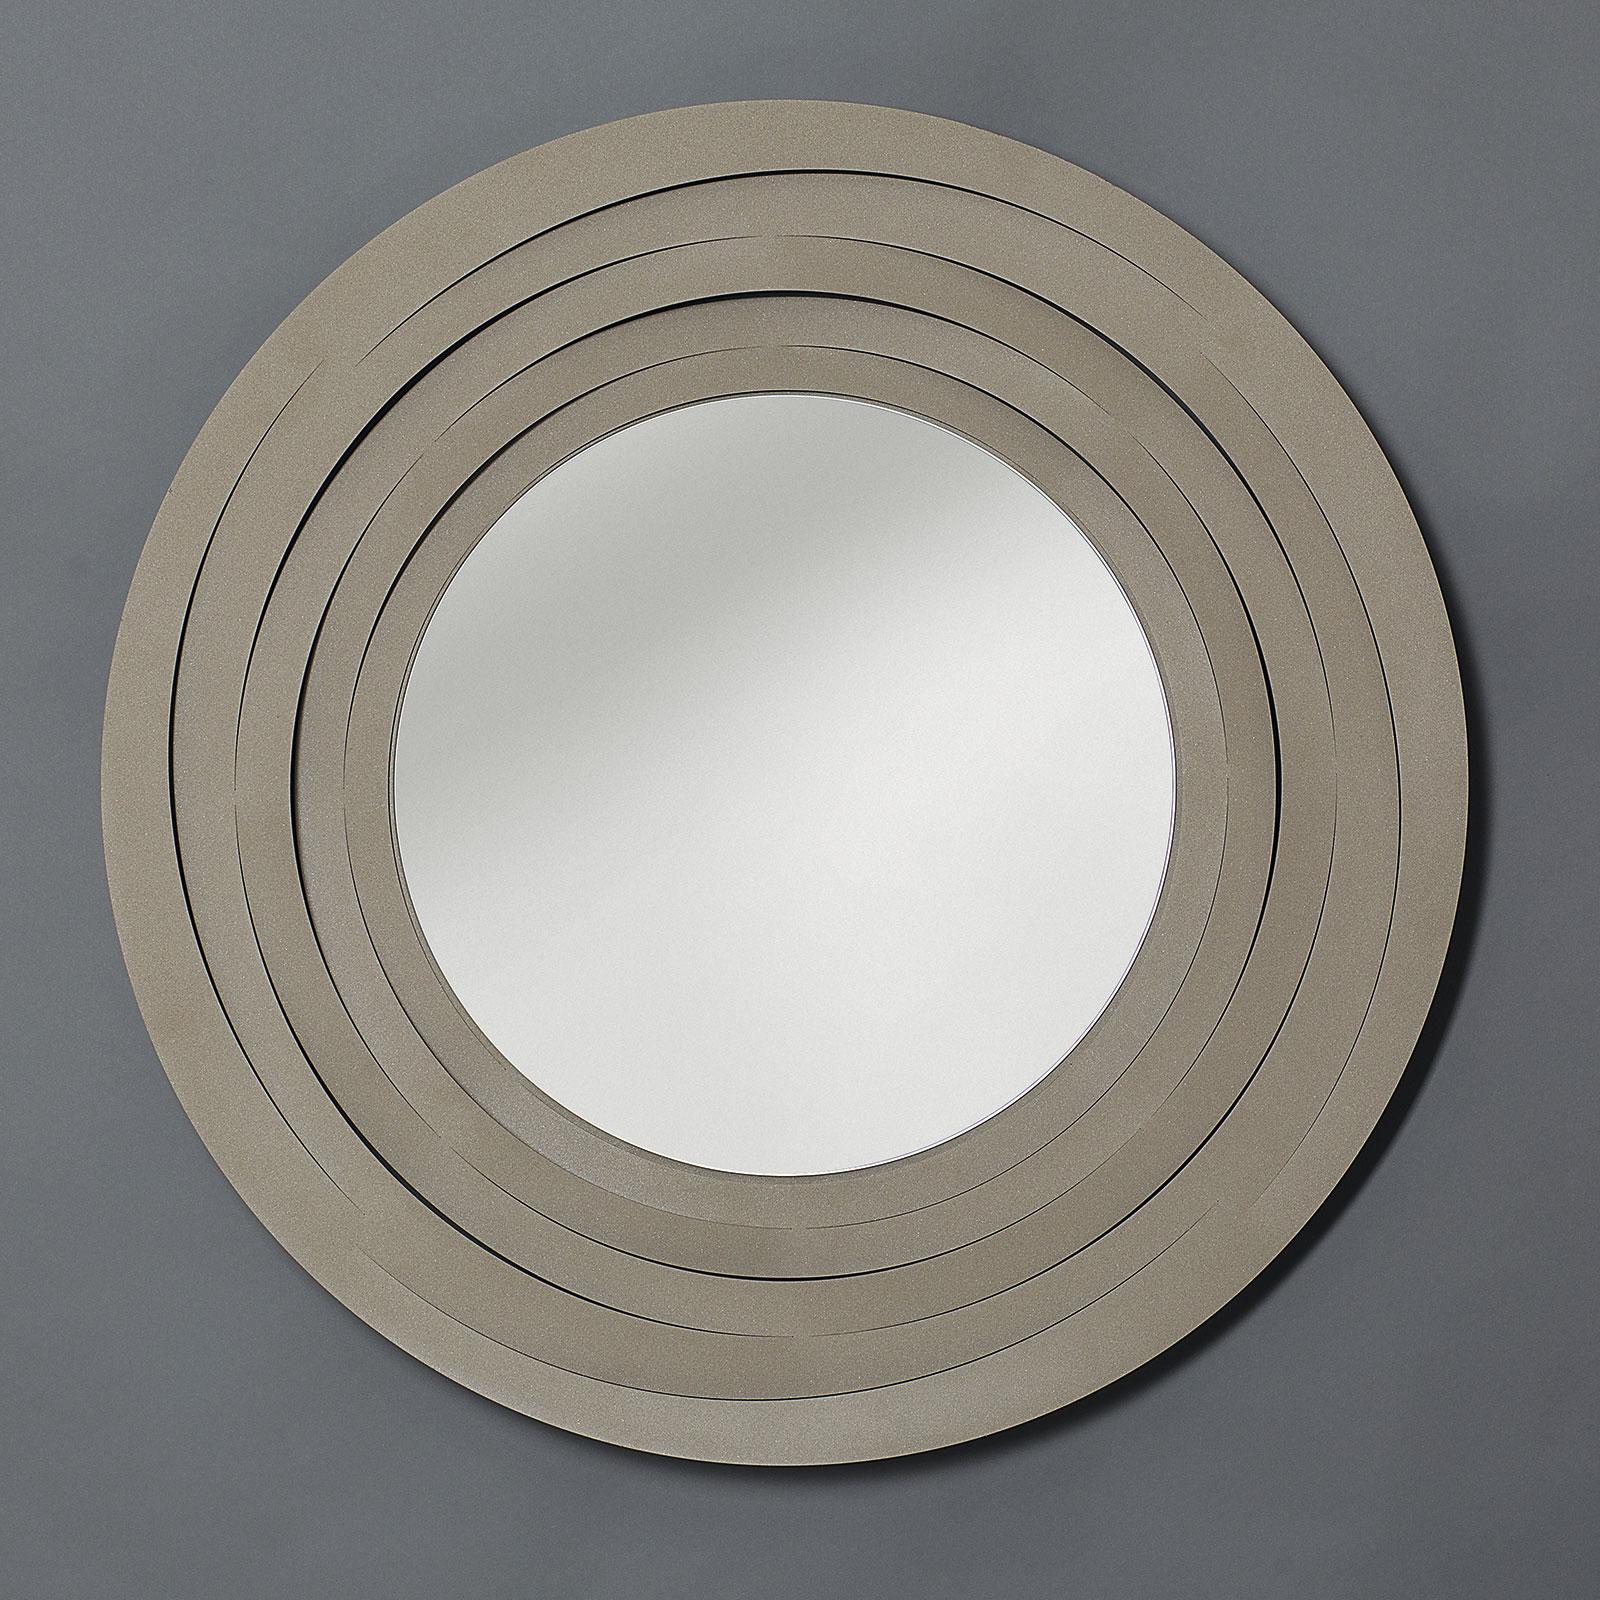 Specchio origami beige arti e mestieri borzik - Specchi ikea prezzi ...